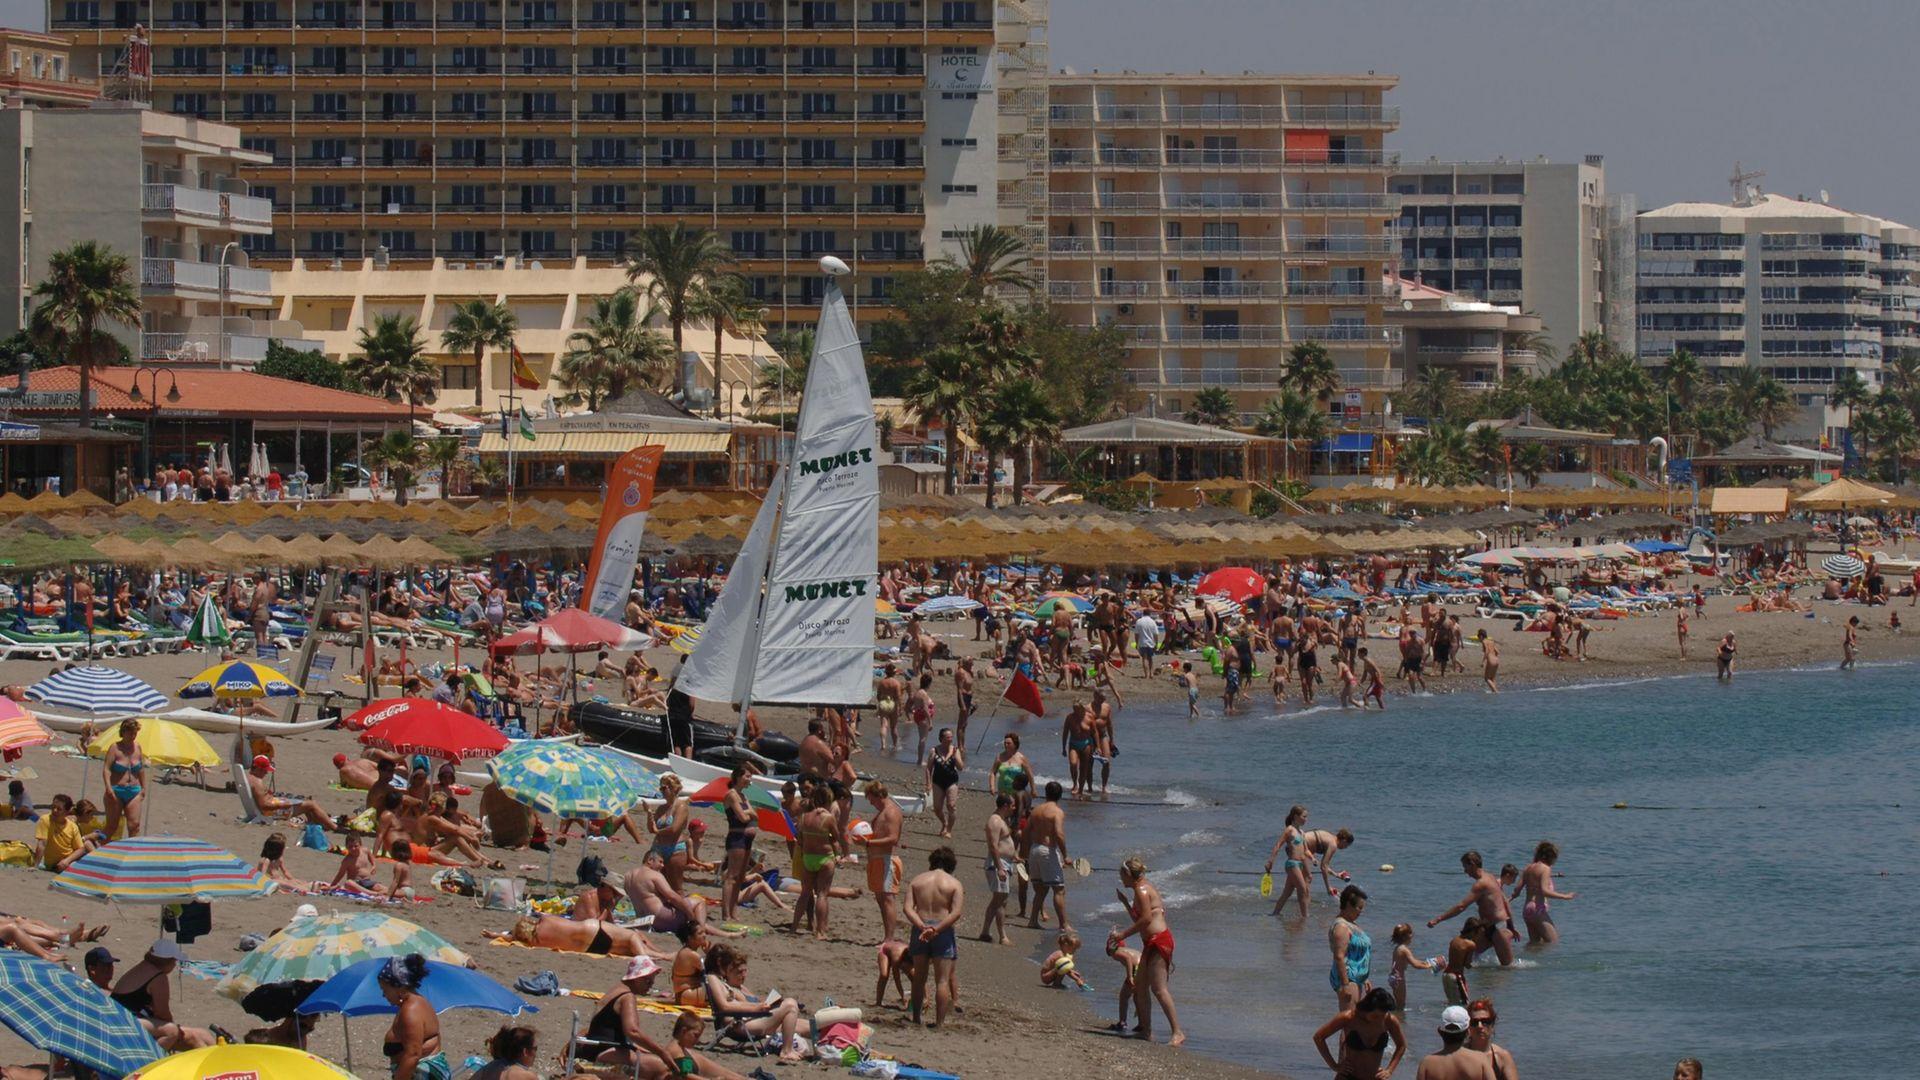 Costa del Sol beach near Torremolinos. - Credit: PA